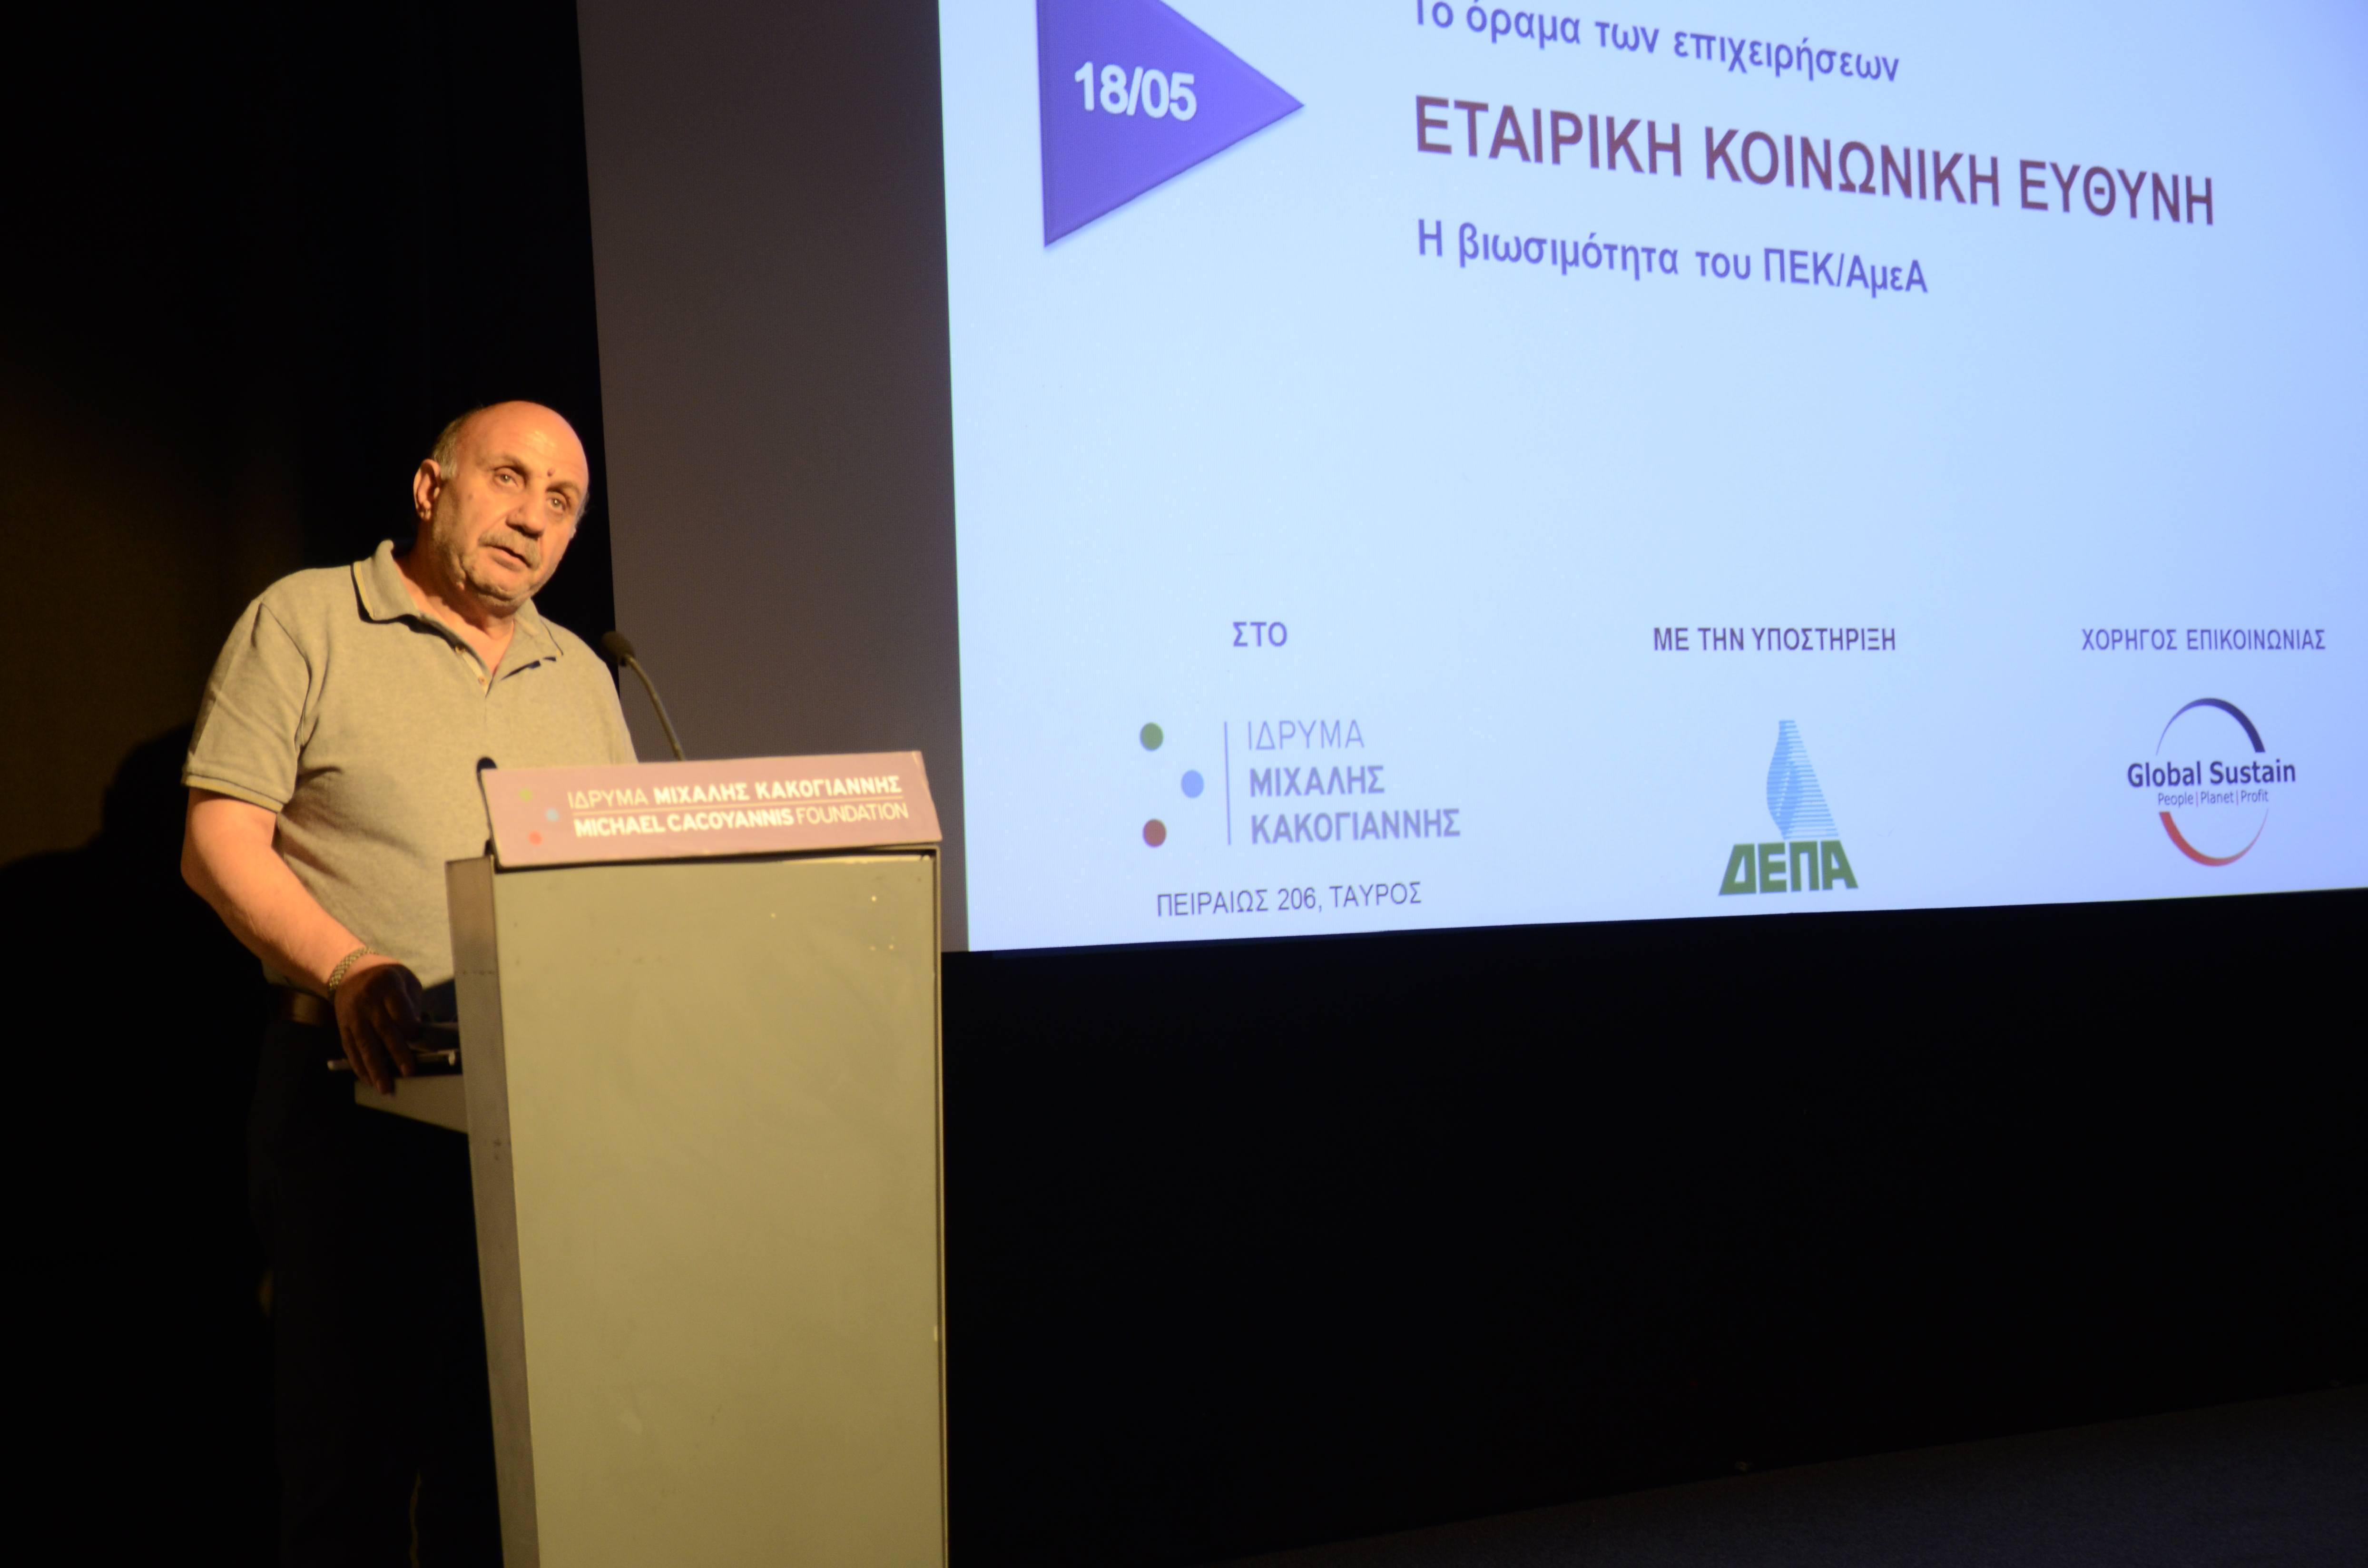 Ο κος Χρήστος Νάστας, Γ.Γραμματέας της ΕΣΑμεΑ, απευθύνει χαιρετισμό